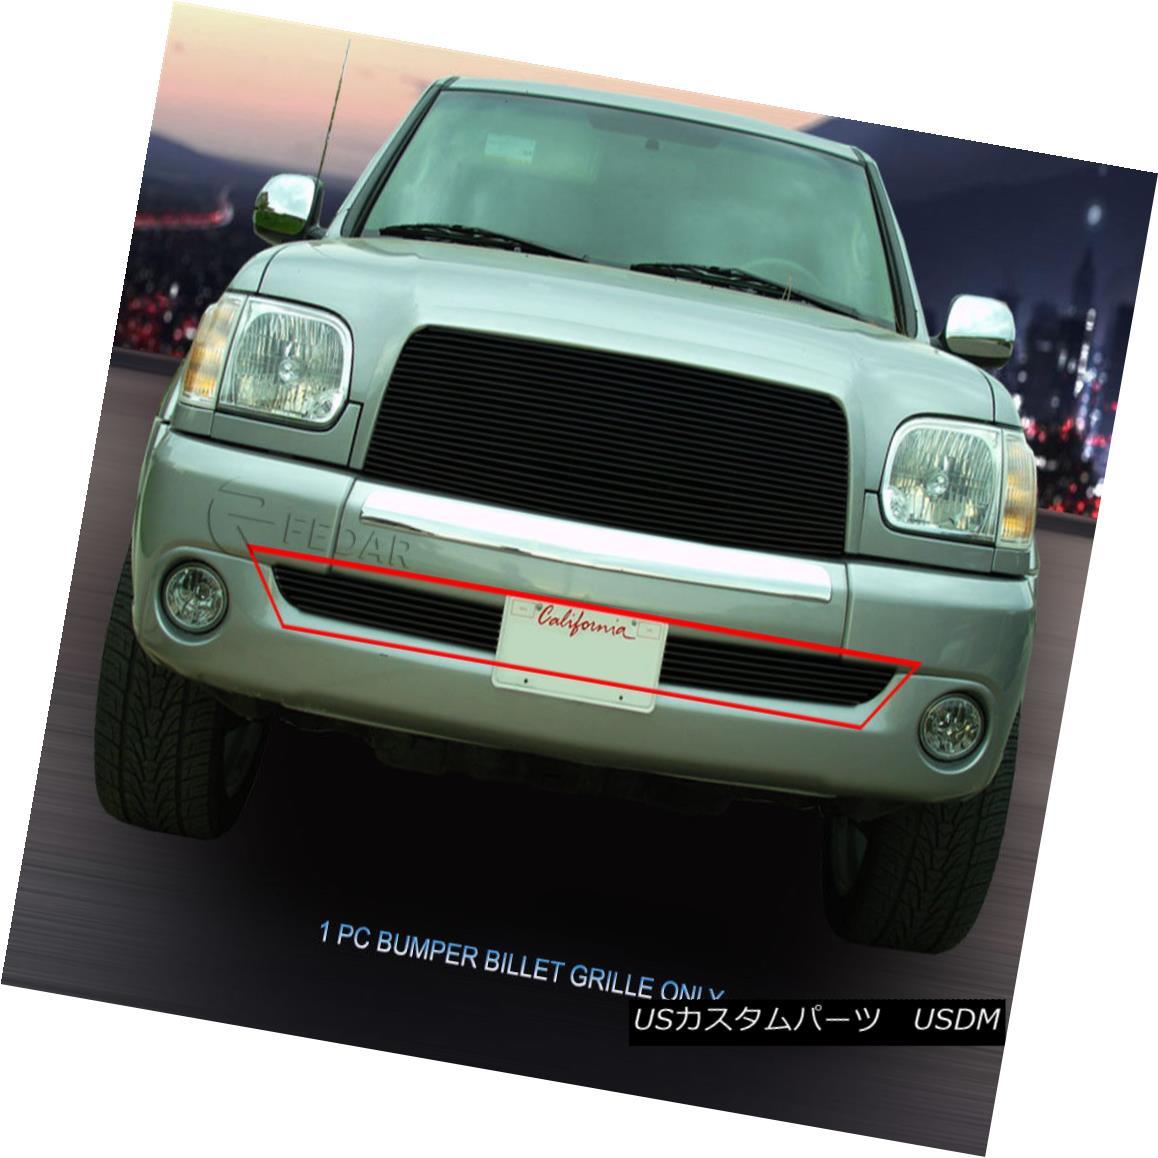 グリル 03-06 Toyota Tundra Black Billet Grille Grill Bumper Insert Fedar 03-06トヨタトンドラブラックビレットグリルグリルバンパーインサートフェルダ